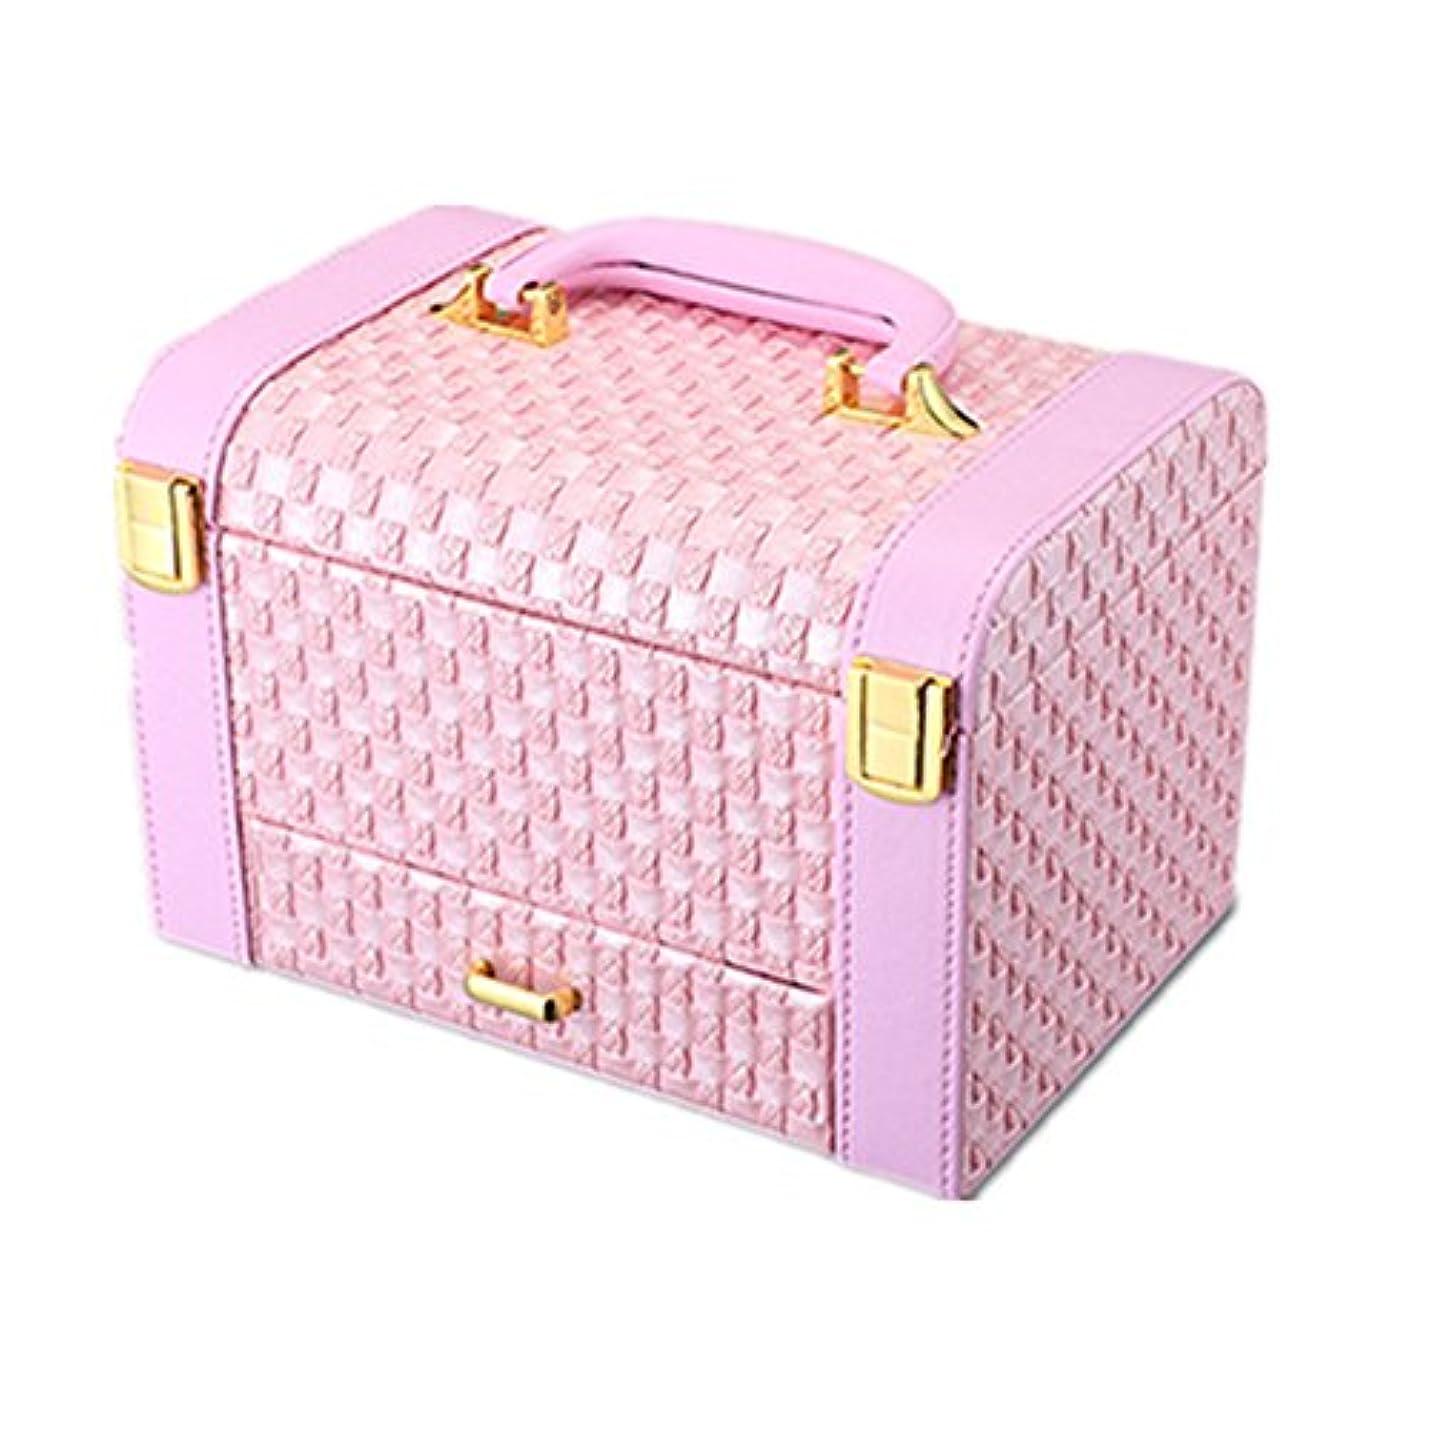 無知しない絵化粧オーガナイザーバッグ 小さなものの種類の旅行のための美容メイクアップのポータブル化粧ケース 化粧品ケース